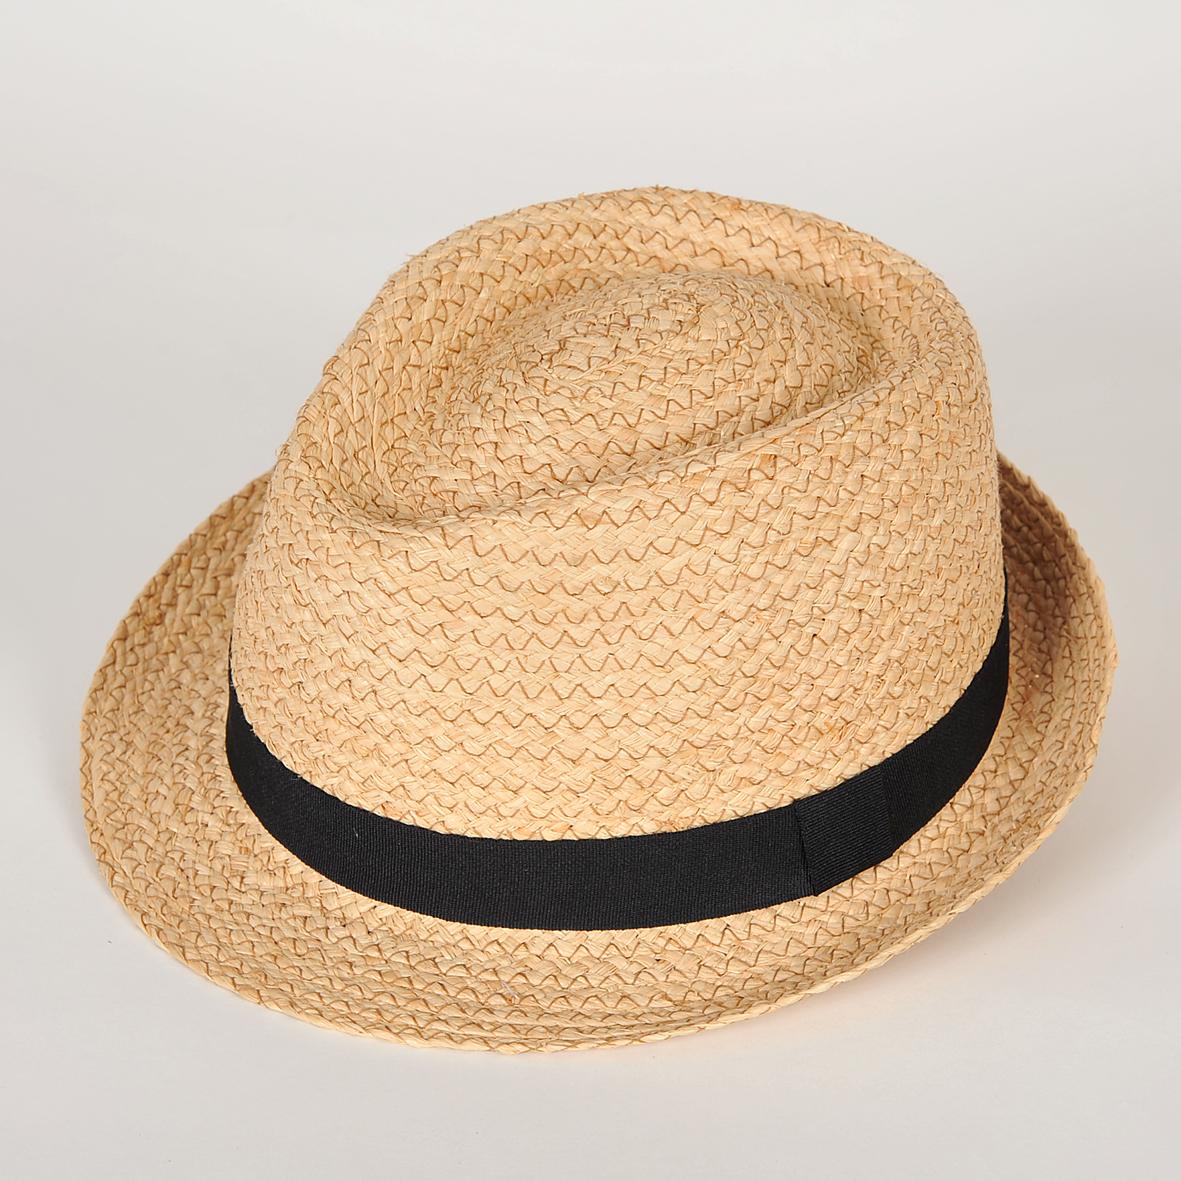 chapeau paille trilby homme carisio raphia fantaisie l 39 artisanat de sabrina. Black Bedroom Furniture Sets. Home Design Ideas